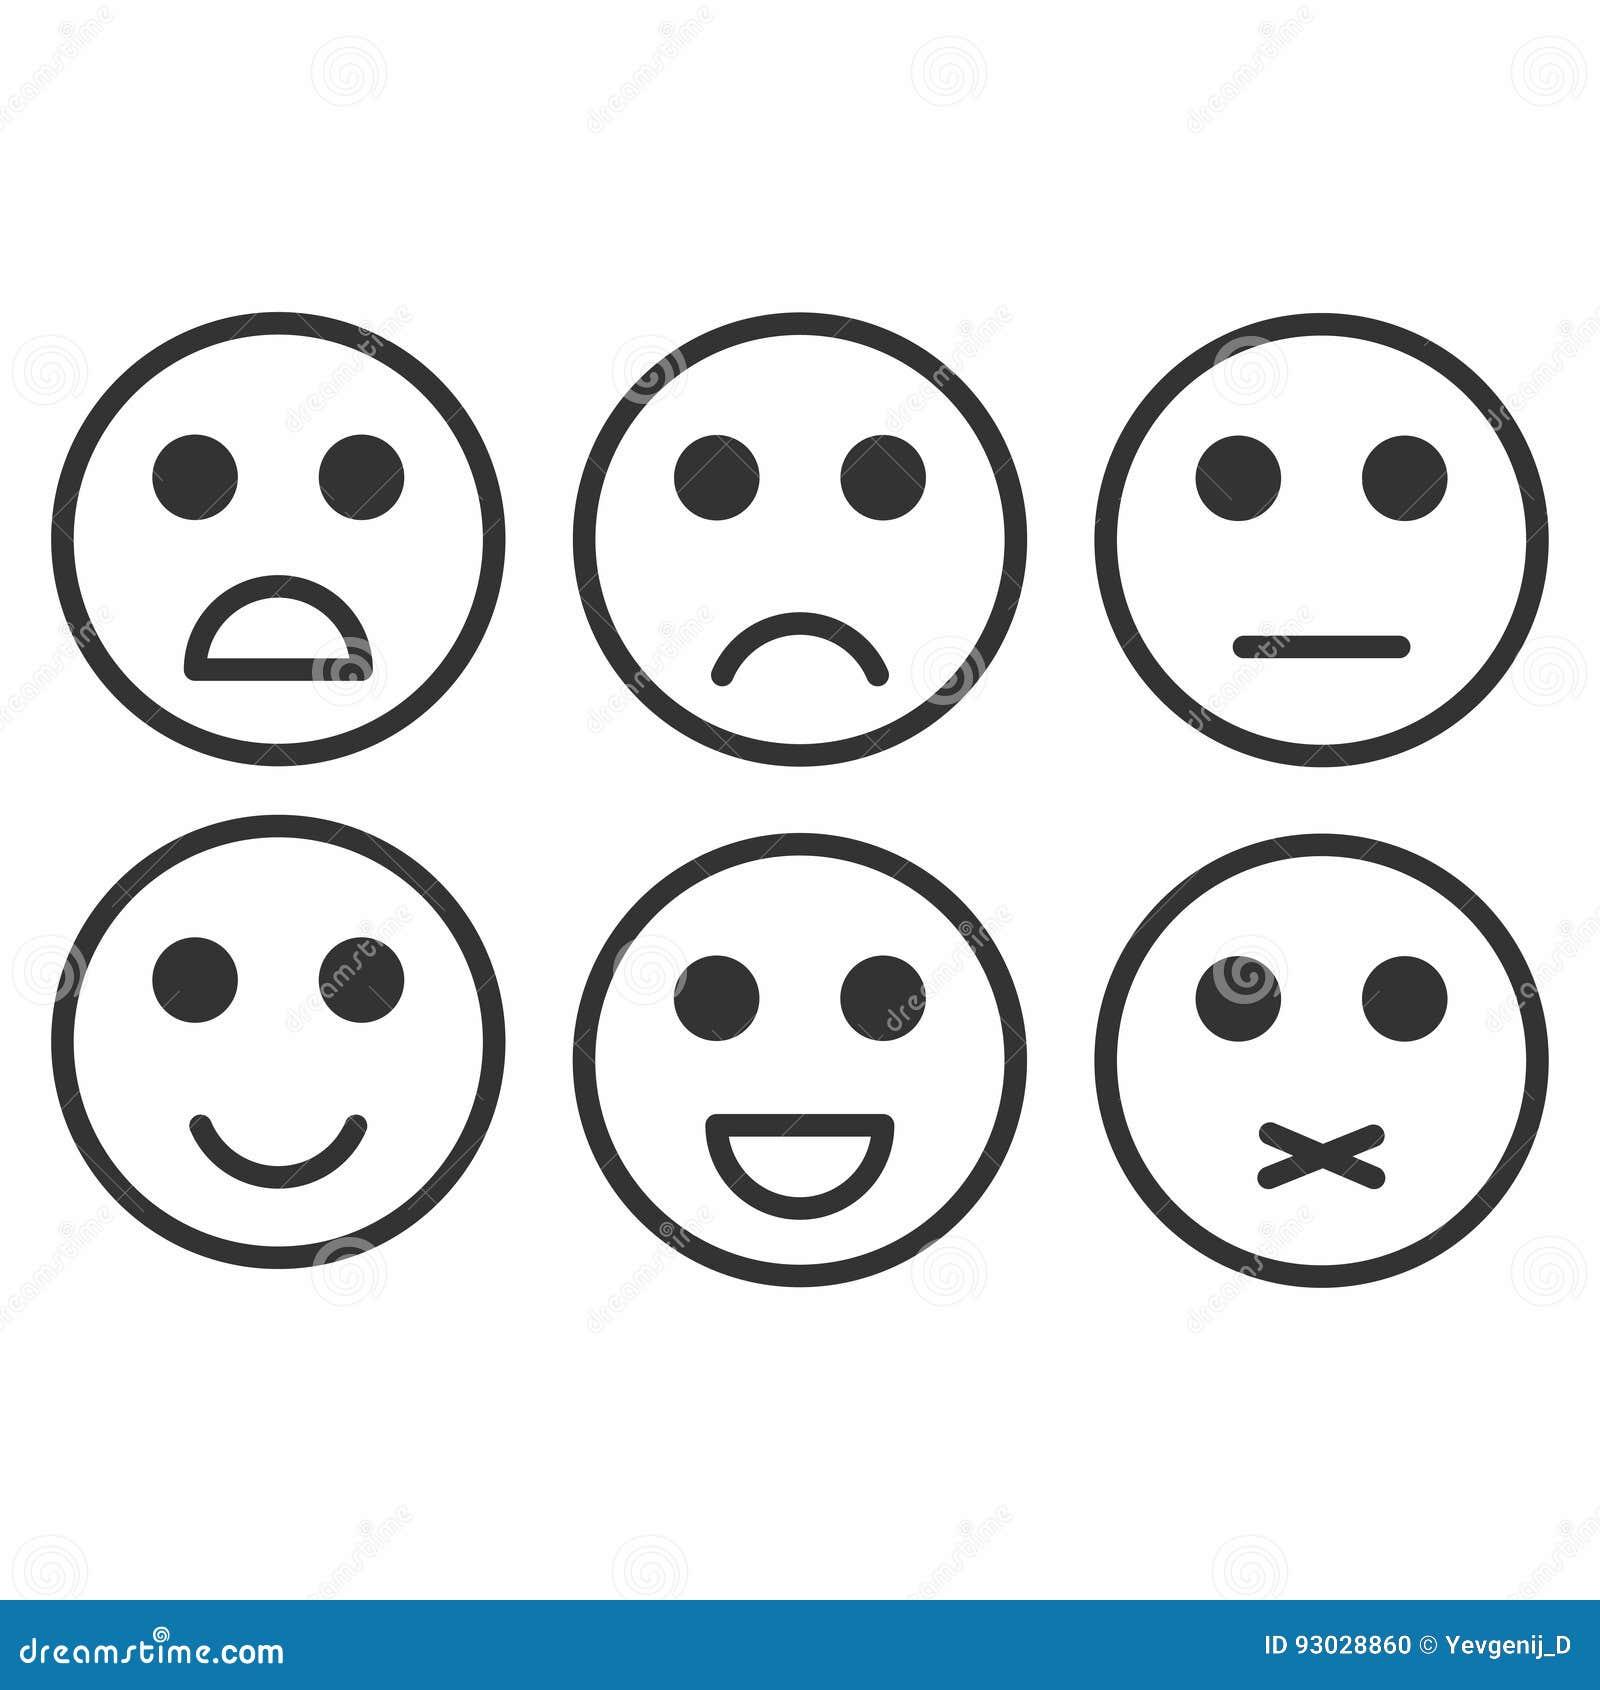 Bewertungs-Zufriedenheit Feedback in der Form von einfarbigen Gefühlen, smiley, emoji